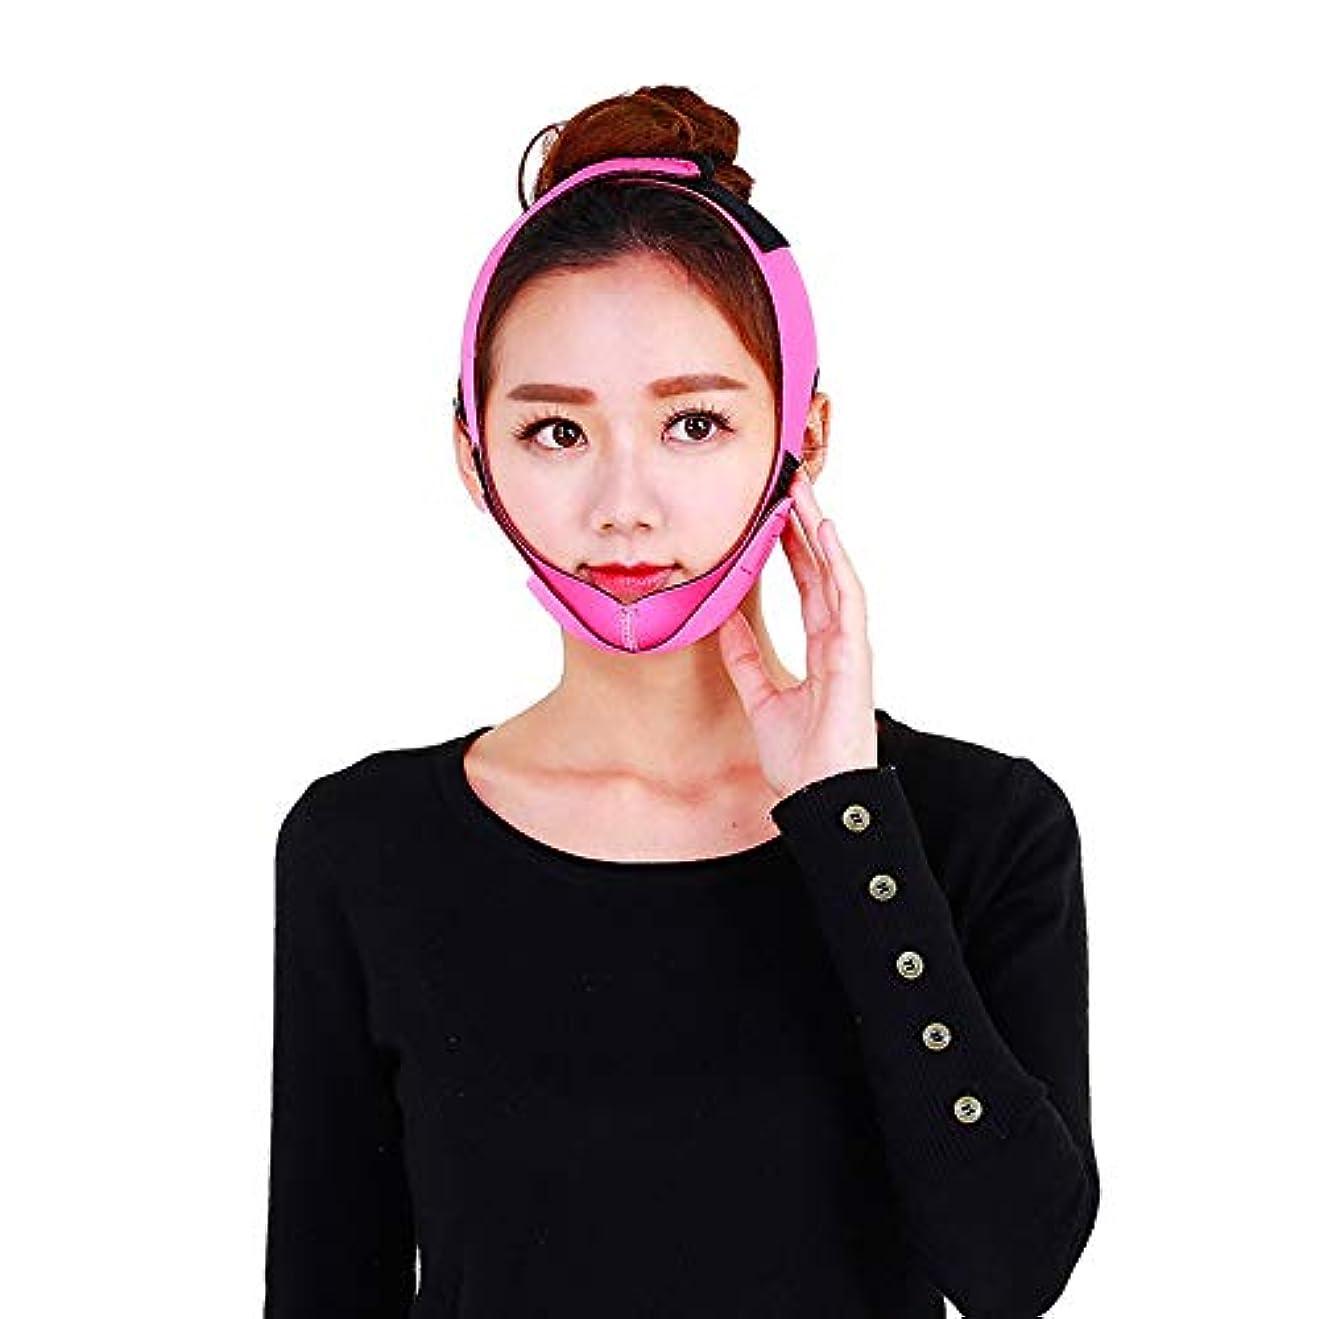 ワゴン余韻くしゃみJia Jia- 顔の持ち上がる痩身ベルト - 薄い顔包帯二重あごのデバイス無料の顔のマッサージ整形マスクが顔と首を締めます 顔面包帯